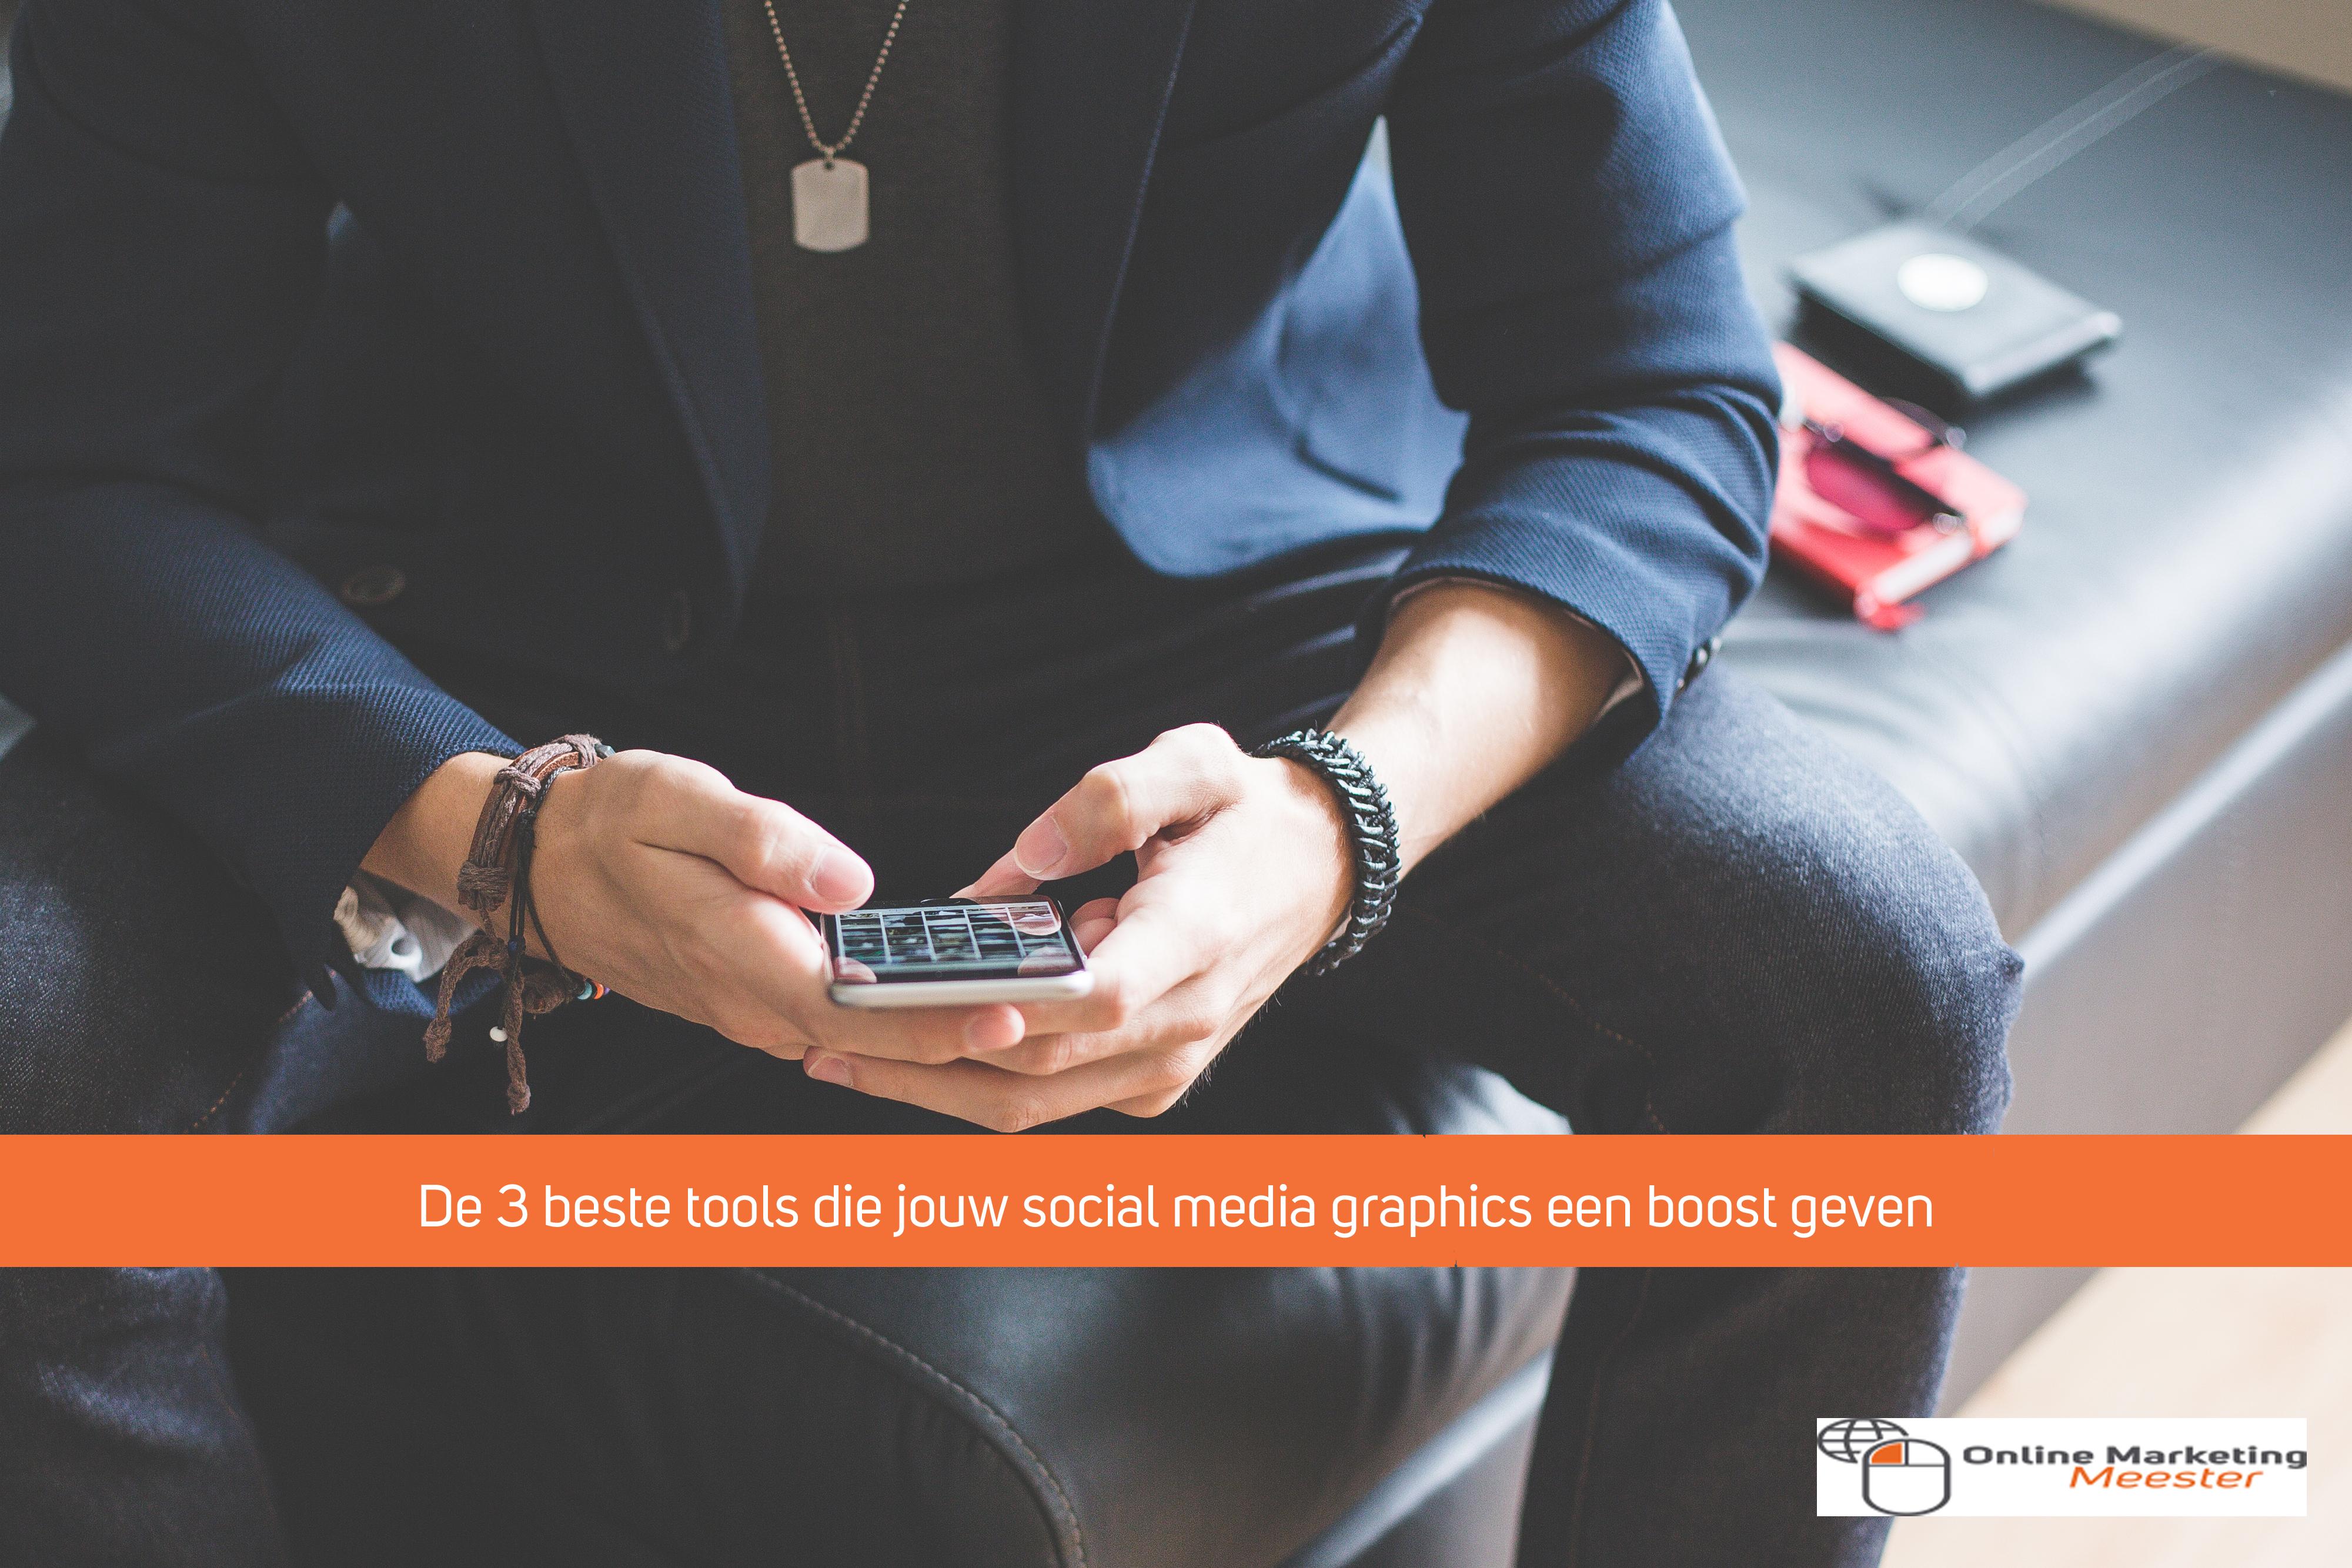 social media graphics maken een fluitje van een cent